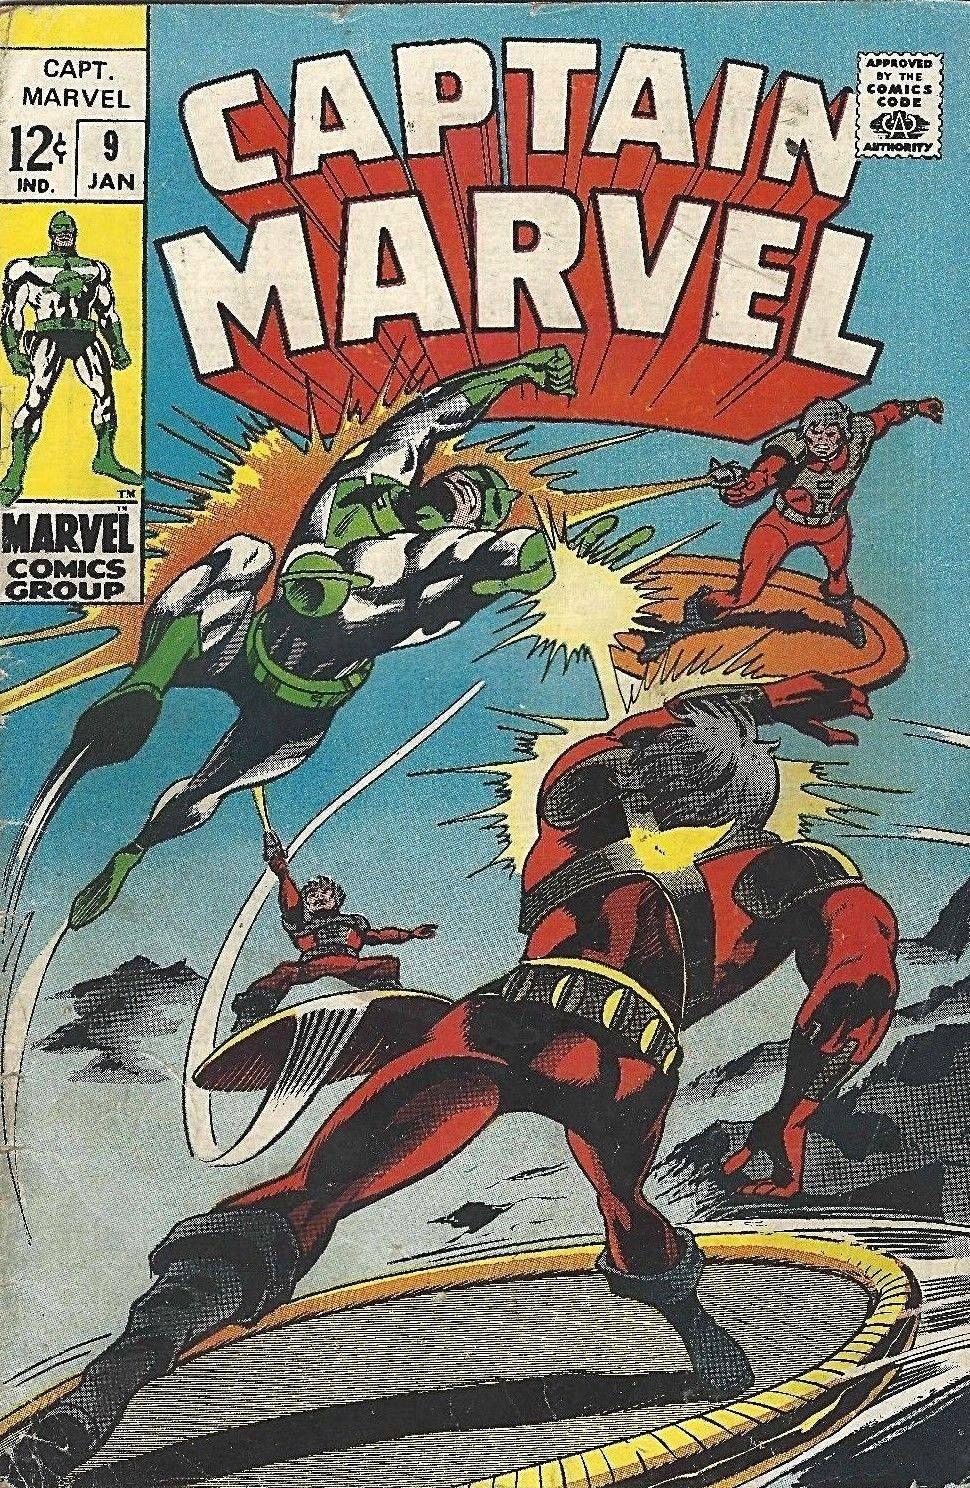 marvel comics captain marvel vol.1 issue 9 1969 | bat | marvel